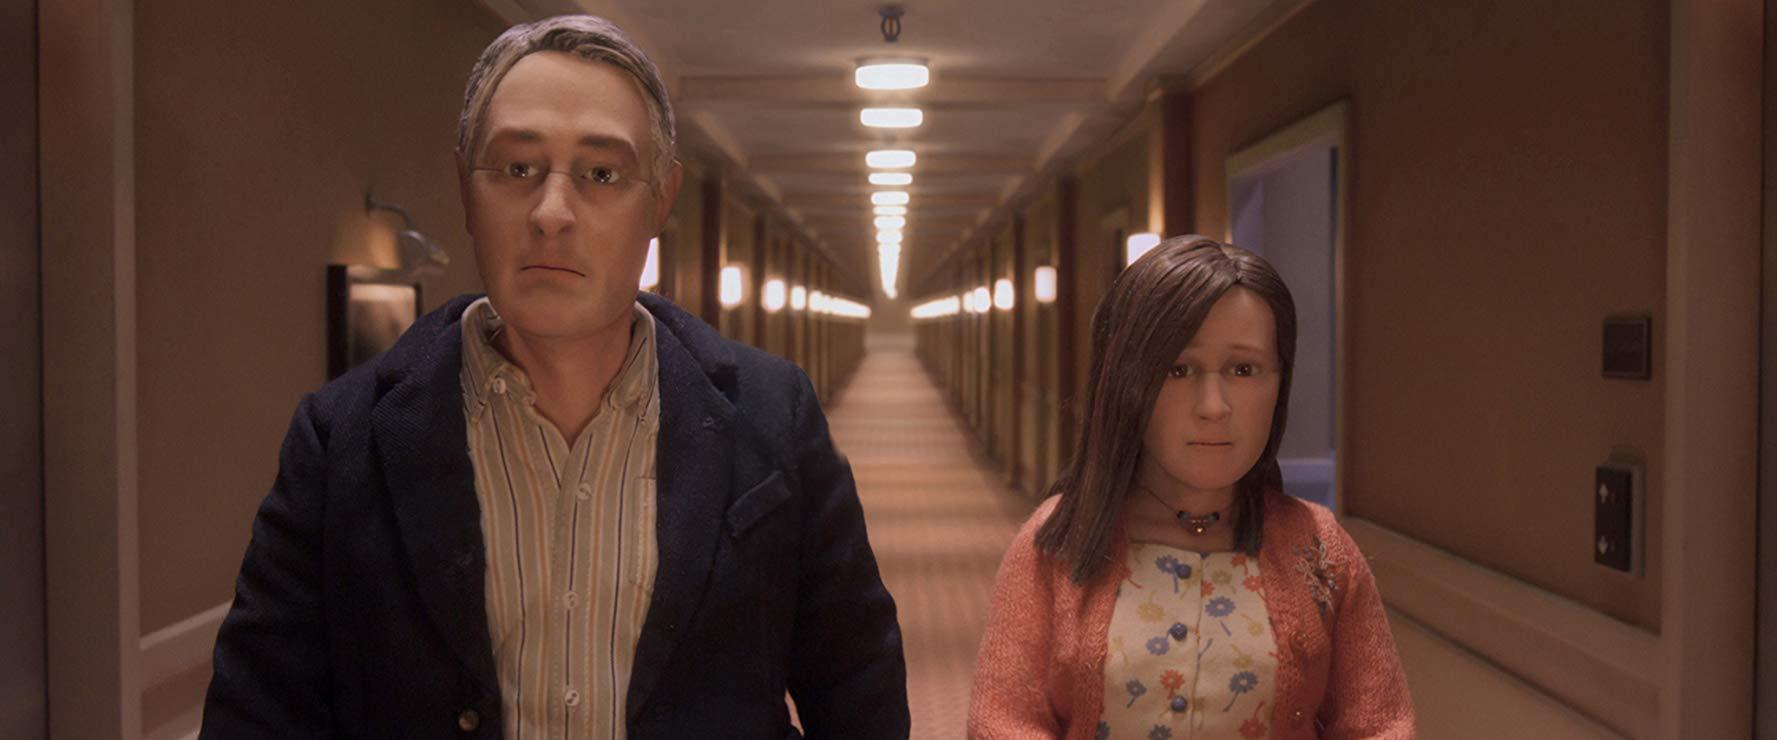 فیلم های ضد عشق